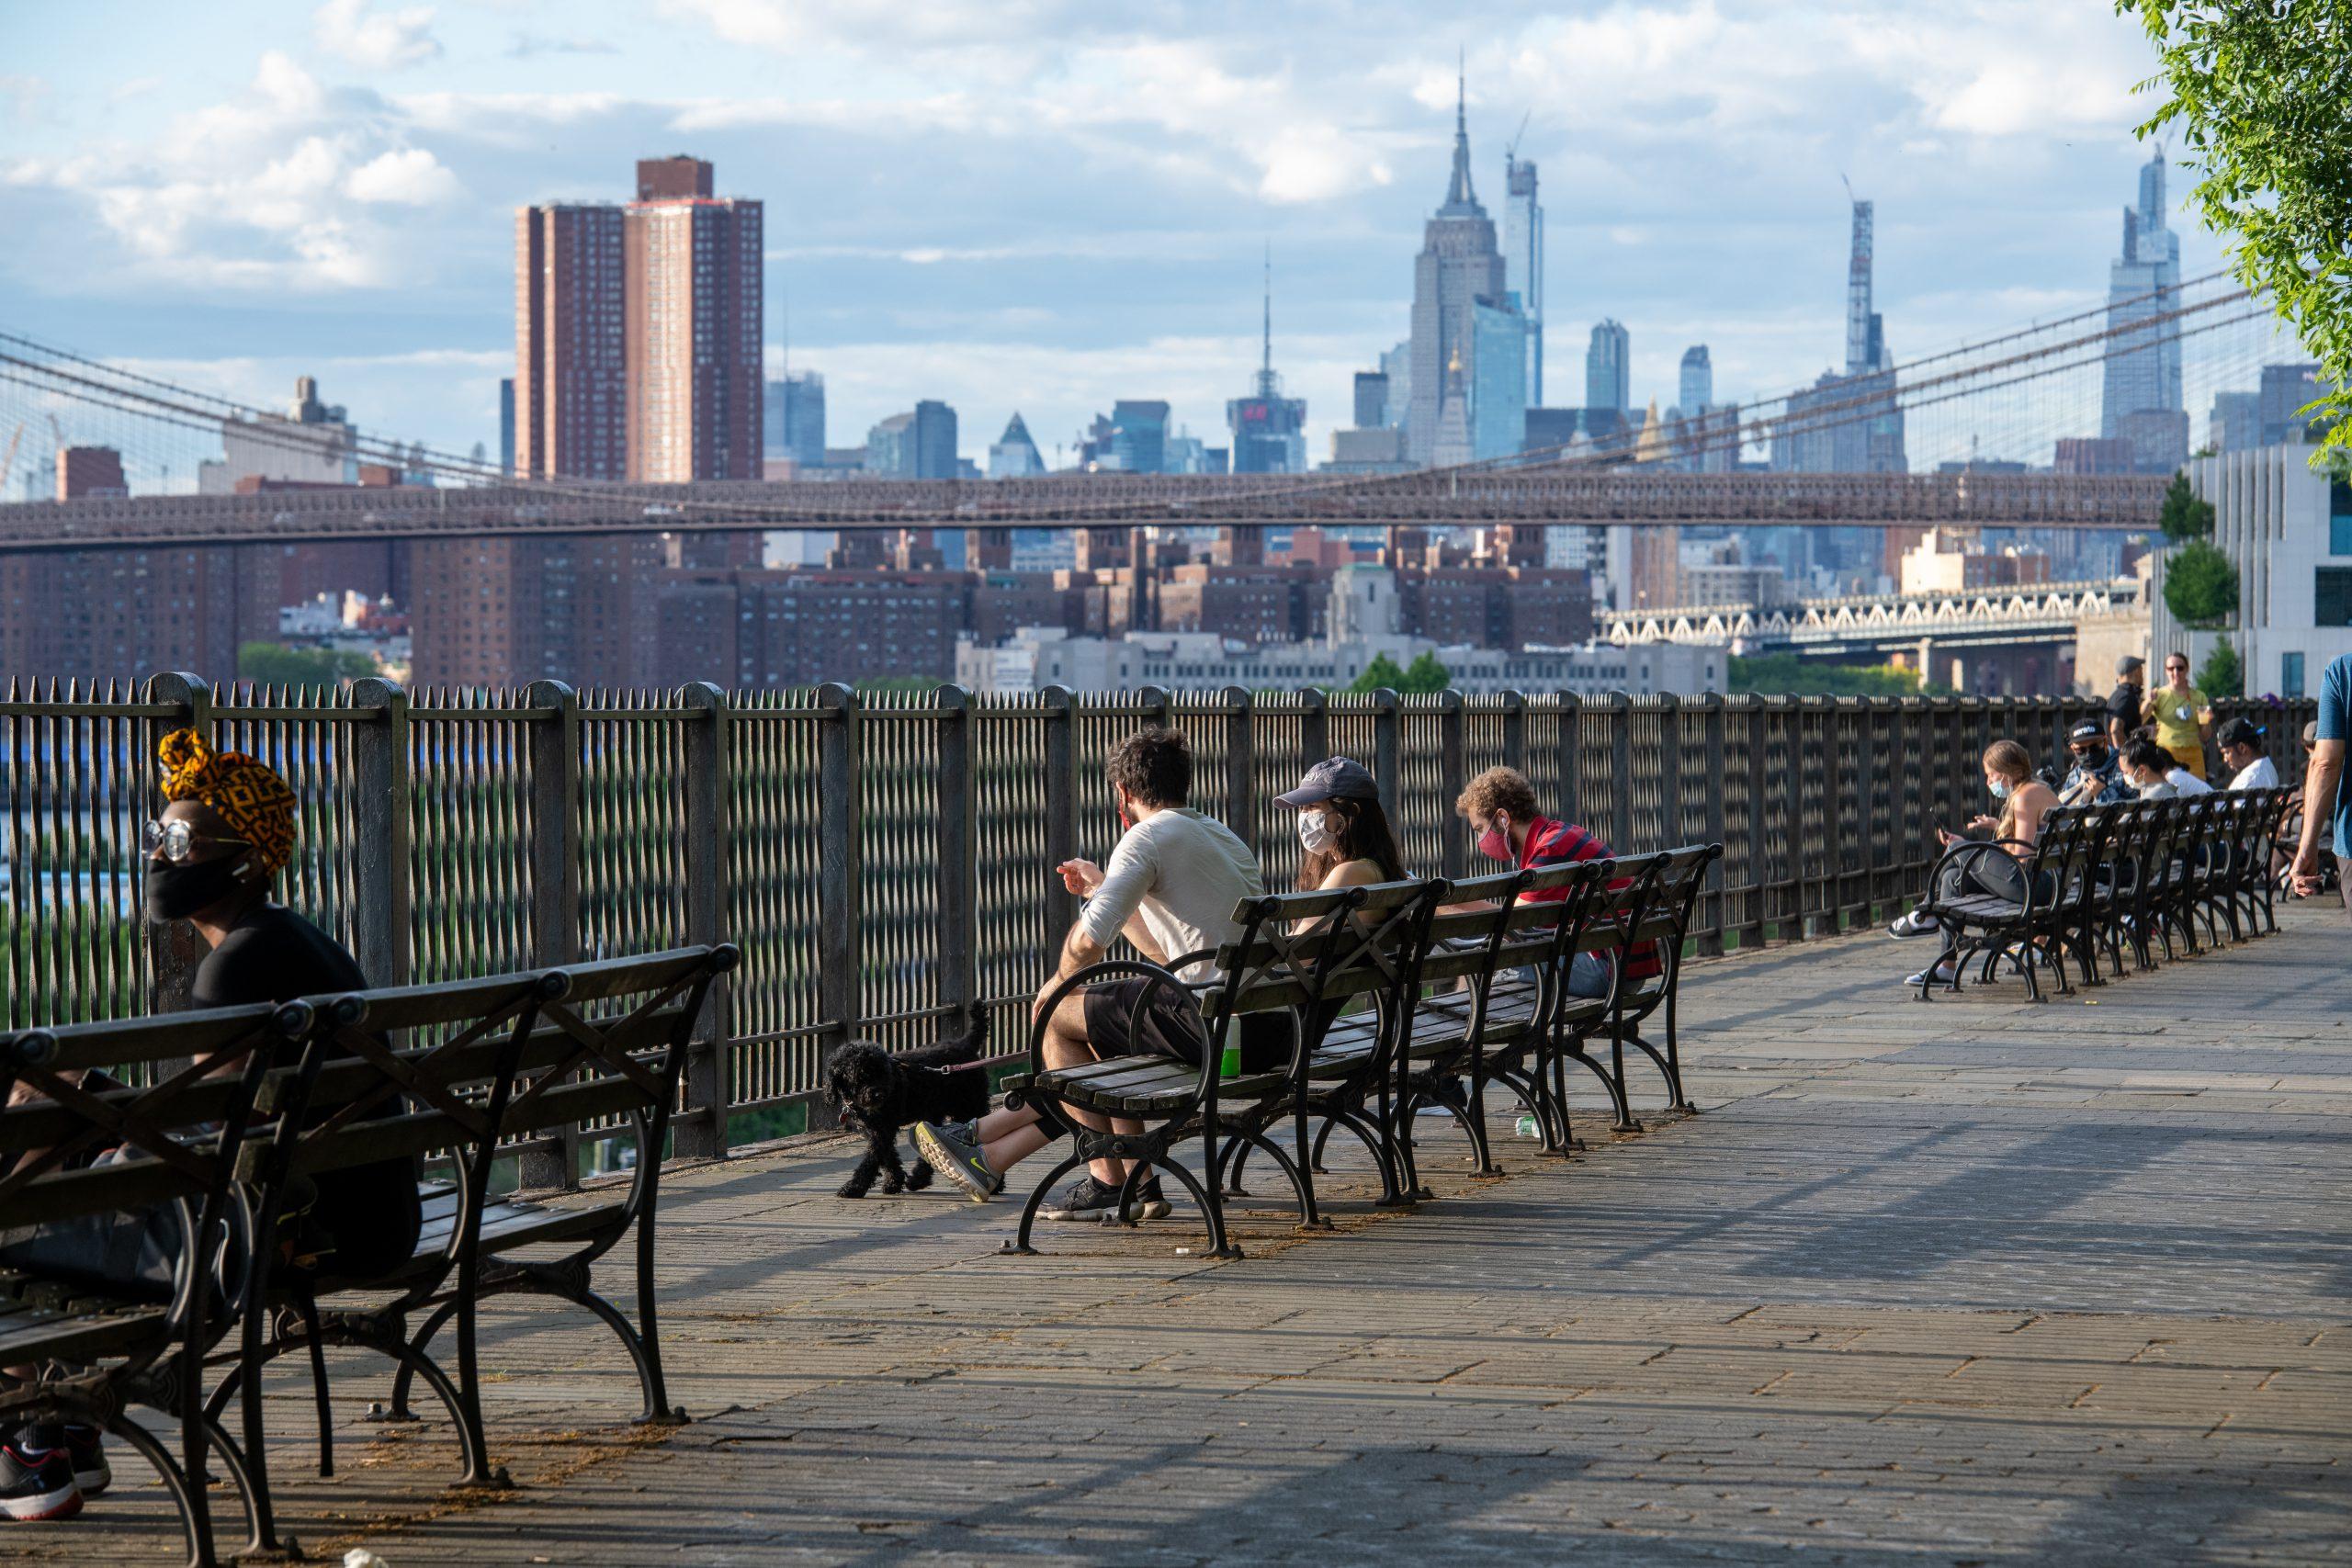 Selve New York City består af fem primære bydele. Manhattan er den mest kendte, mens de andre er Brooklyn, Bronx, Queens og Staten Island. Her er Manhattan set fra Brooklyn. Pressefoto for NYC & Company: Julienne Schaer.